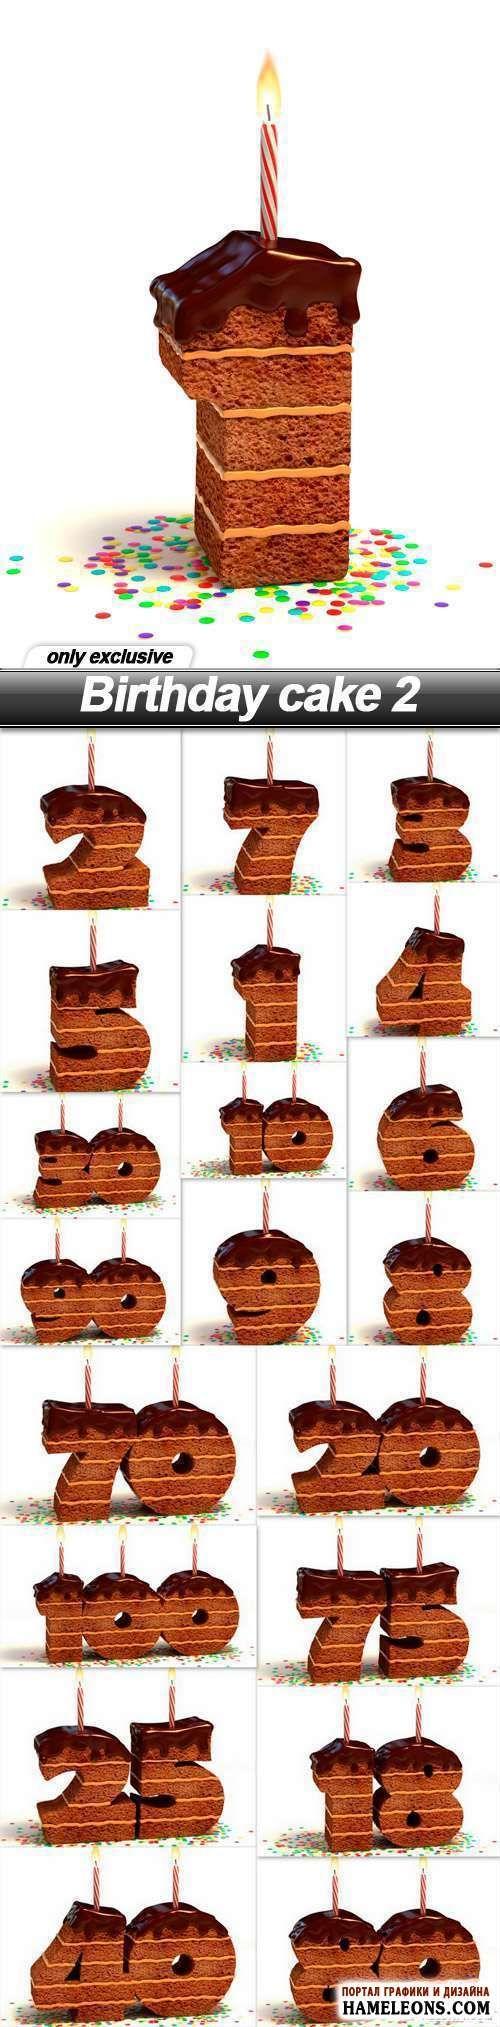 Именинные кексы в виде цифр со свечами - растровый клипарт | Birthday cake